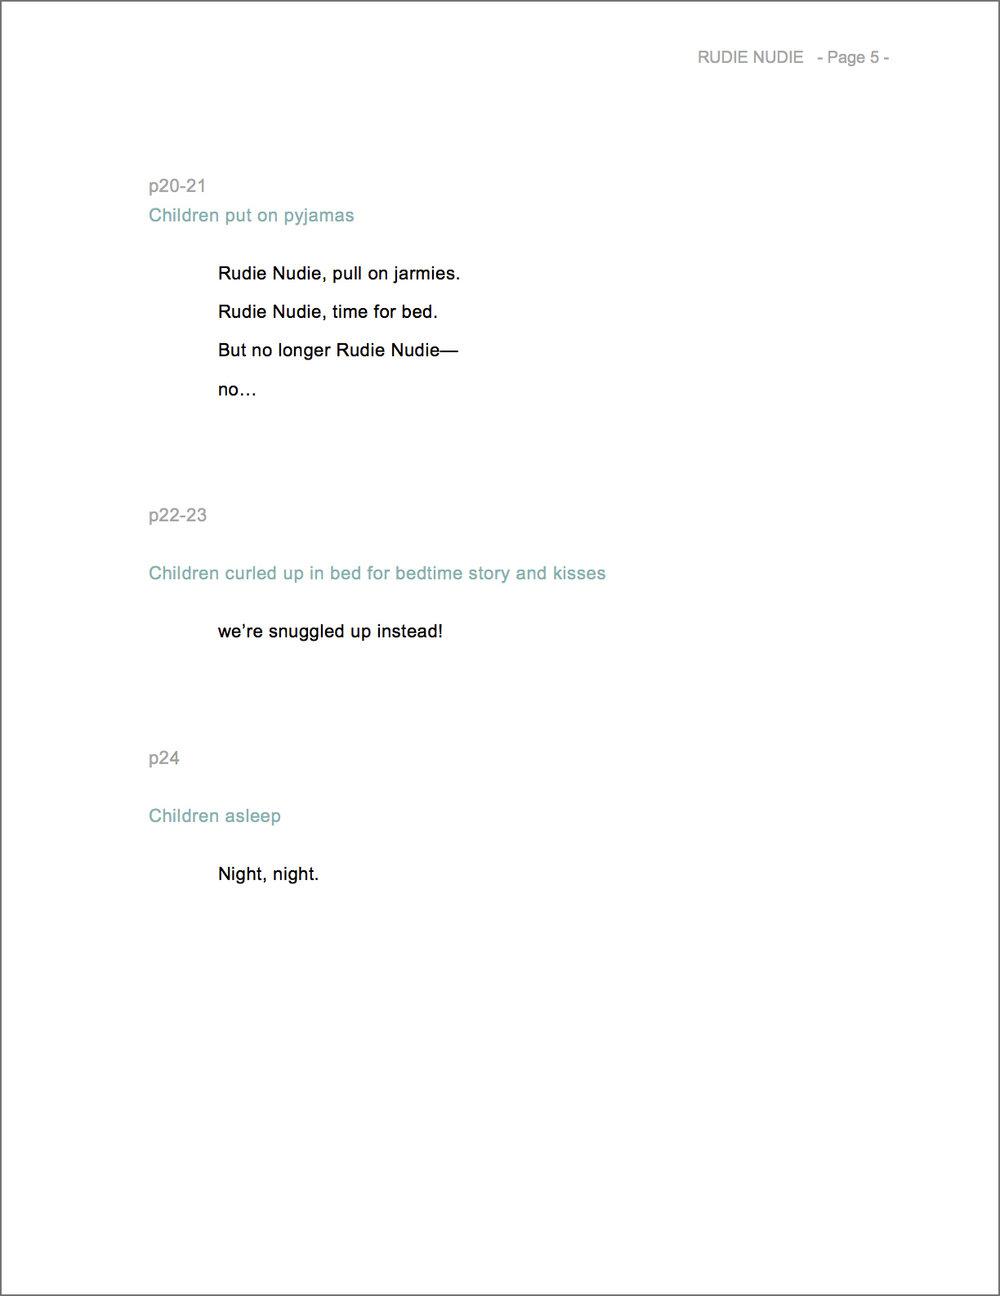 RUDIE NUDIE manuscript by Emma Quay - www.emmaquay.com